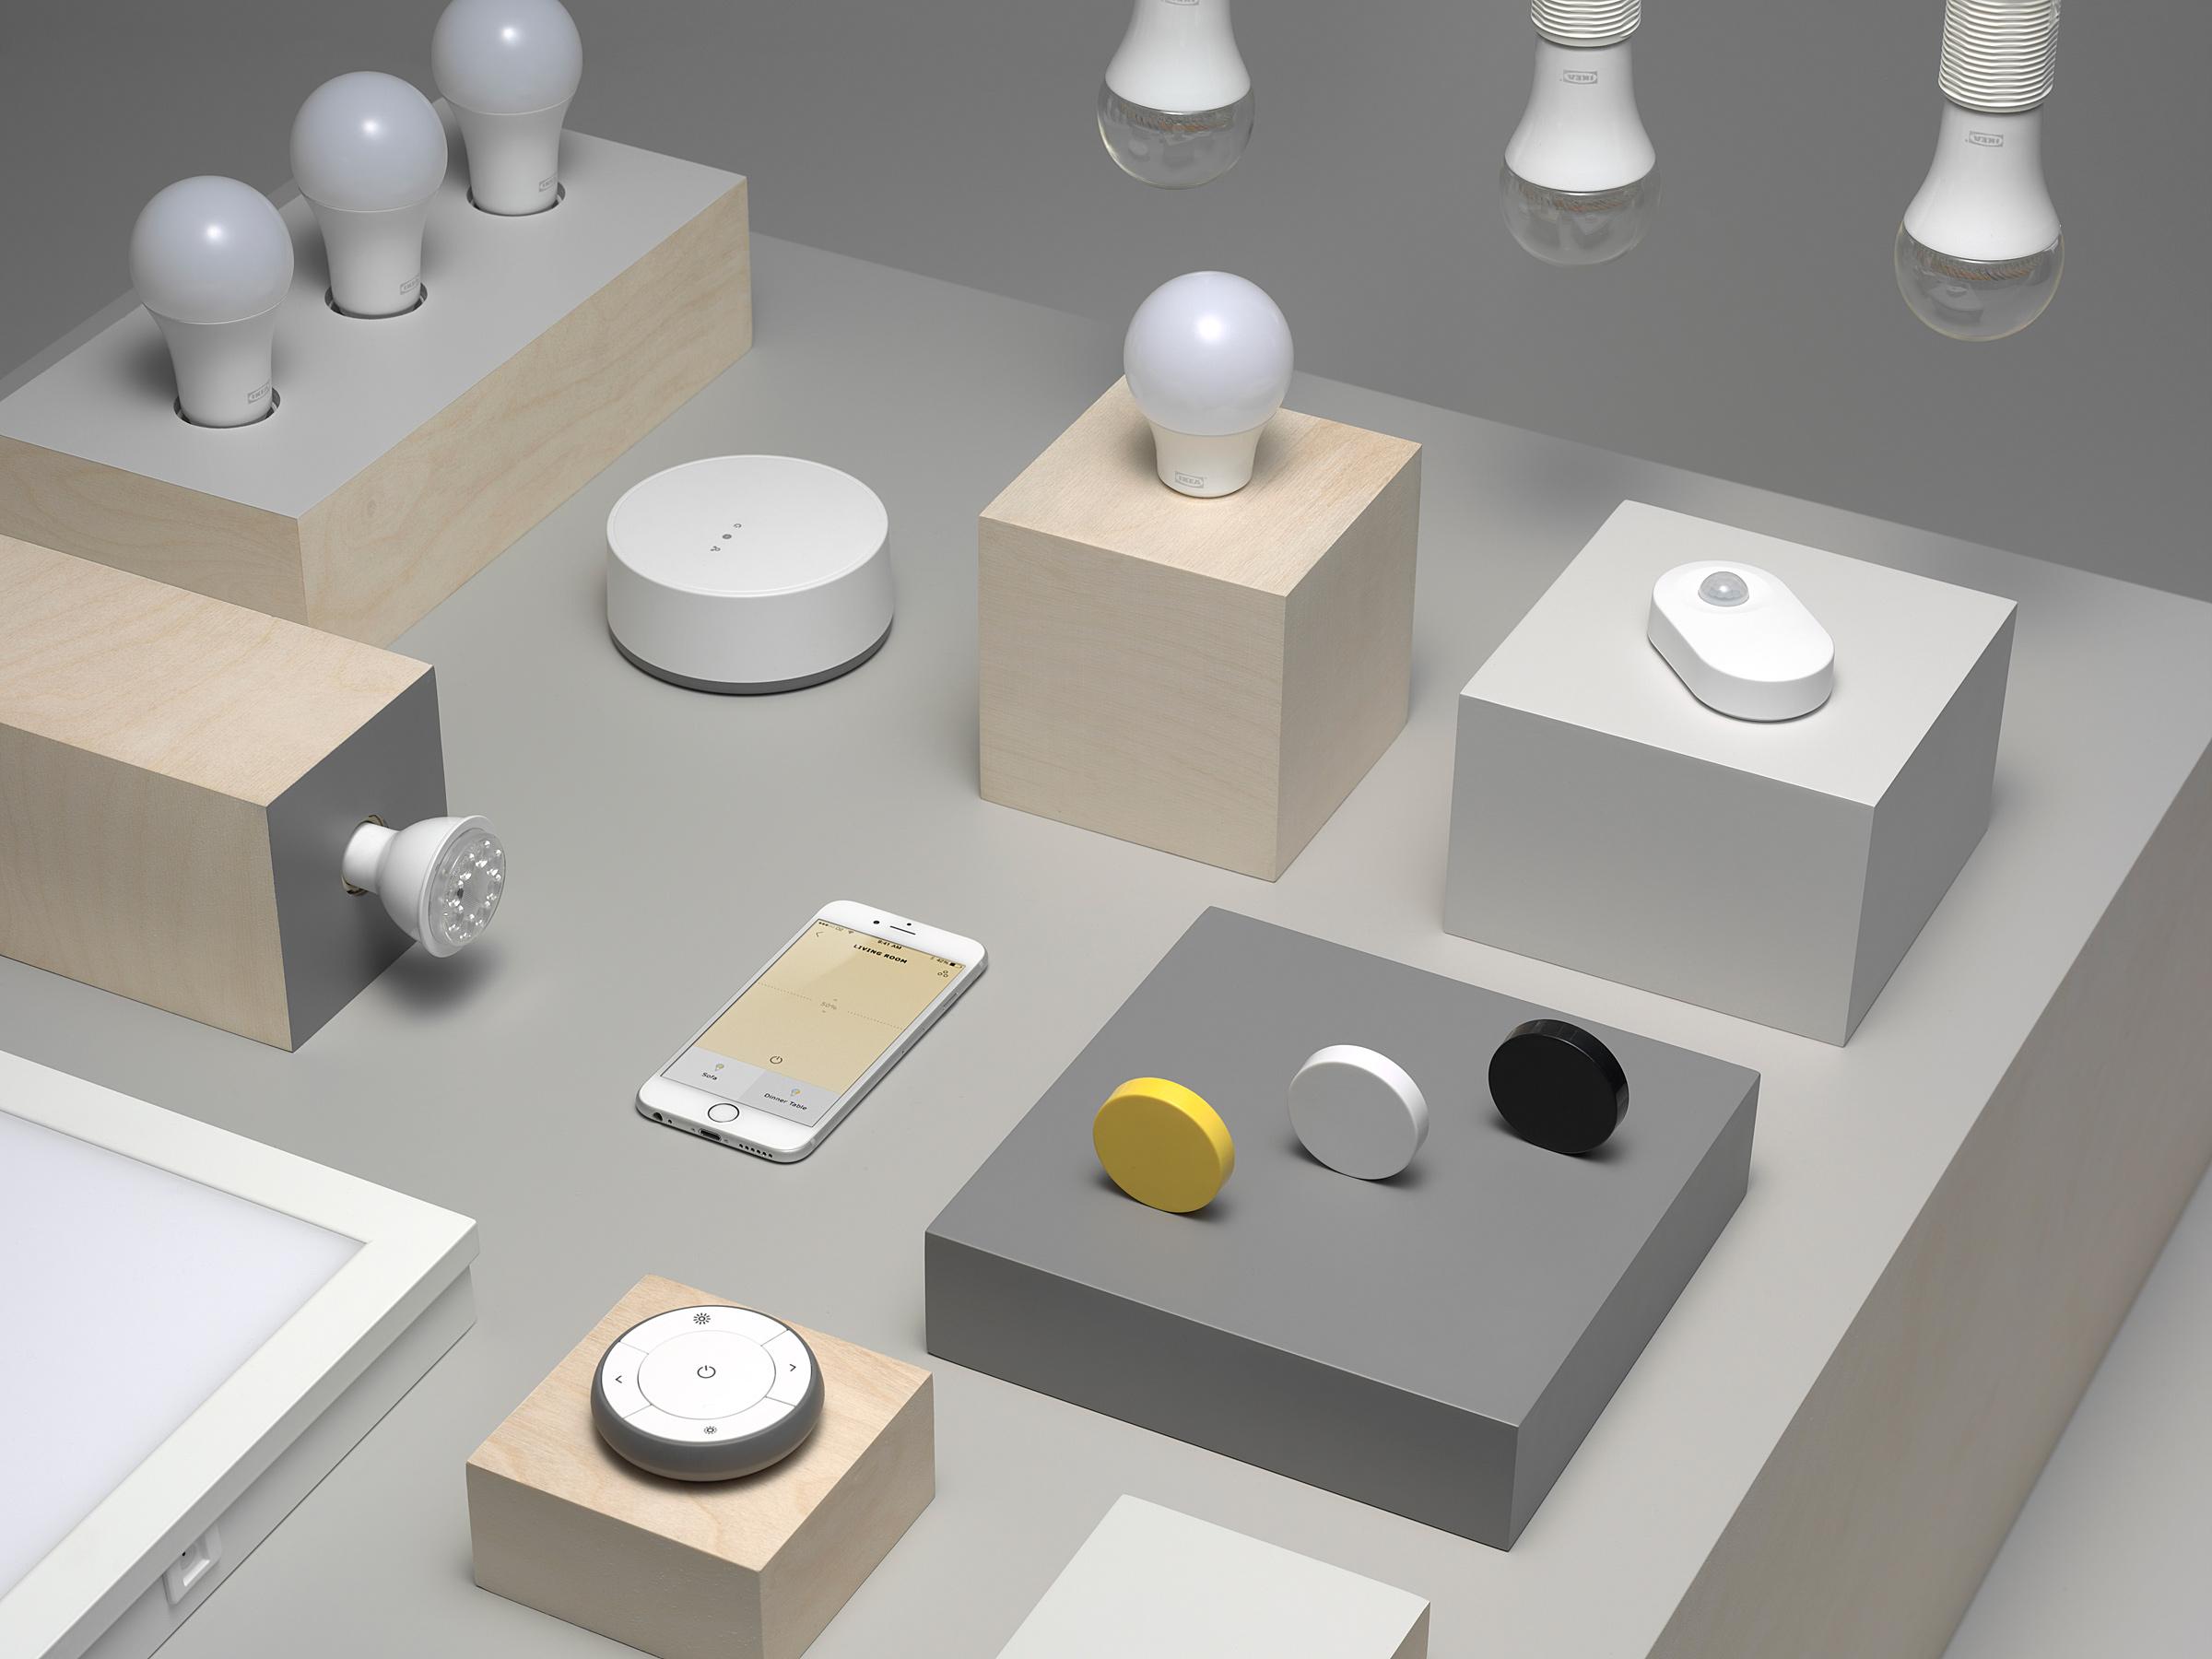 Ikea tr dfri les ampoules connect es s 39 ouvrent google for Ikea home planner 2017